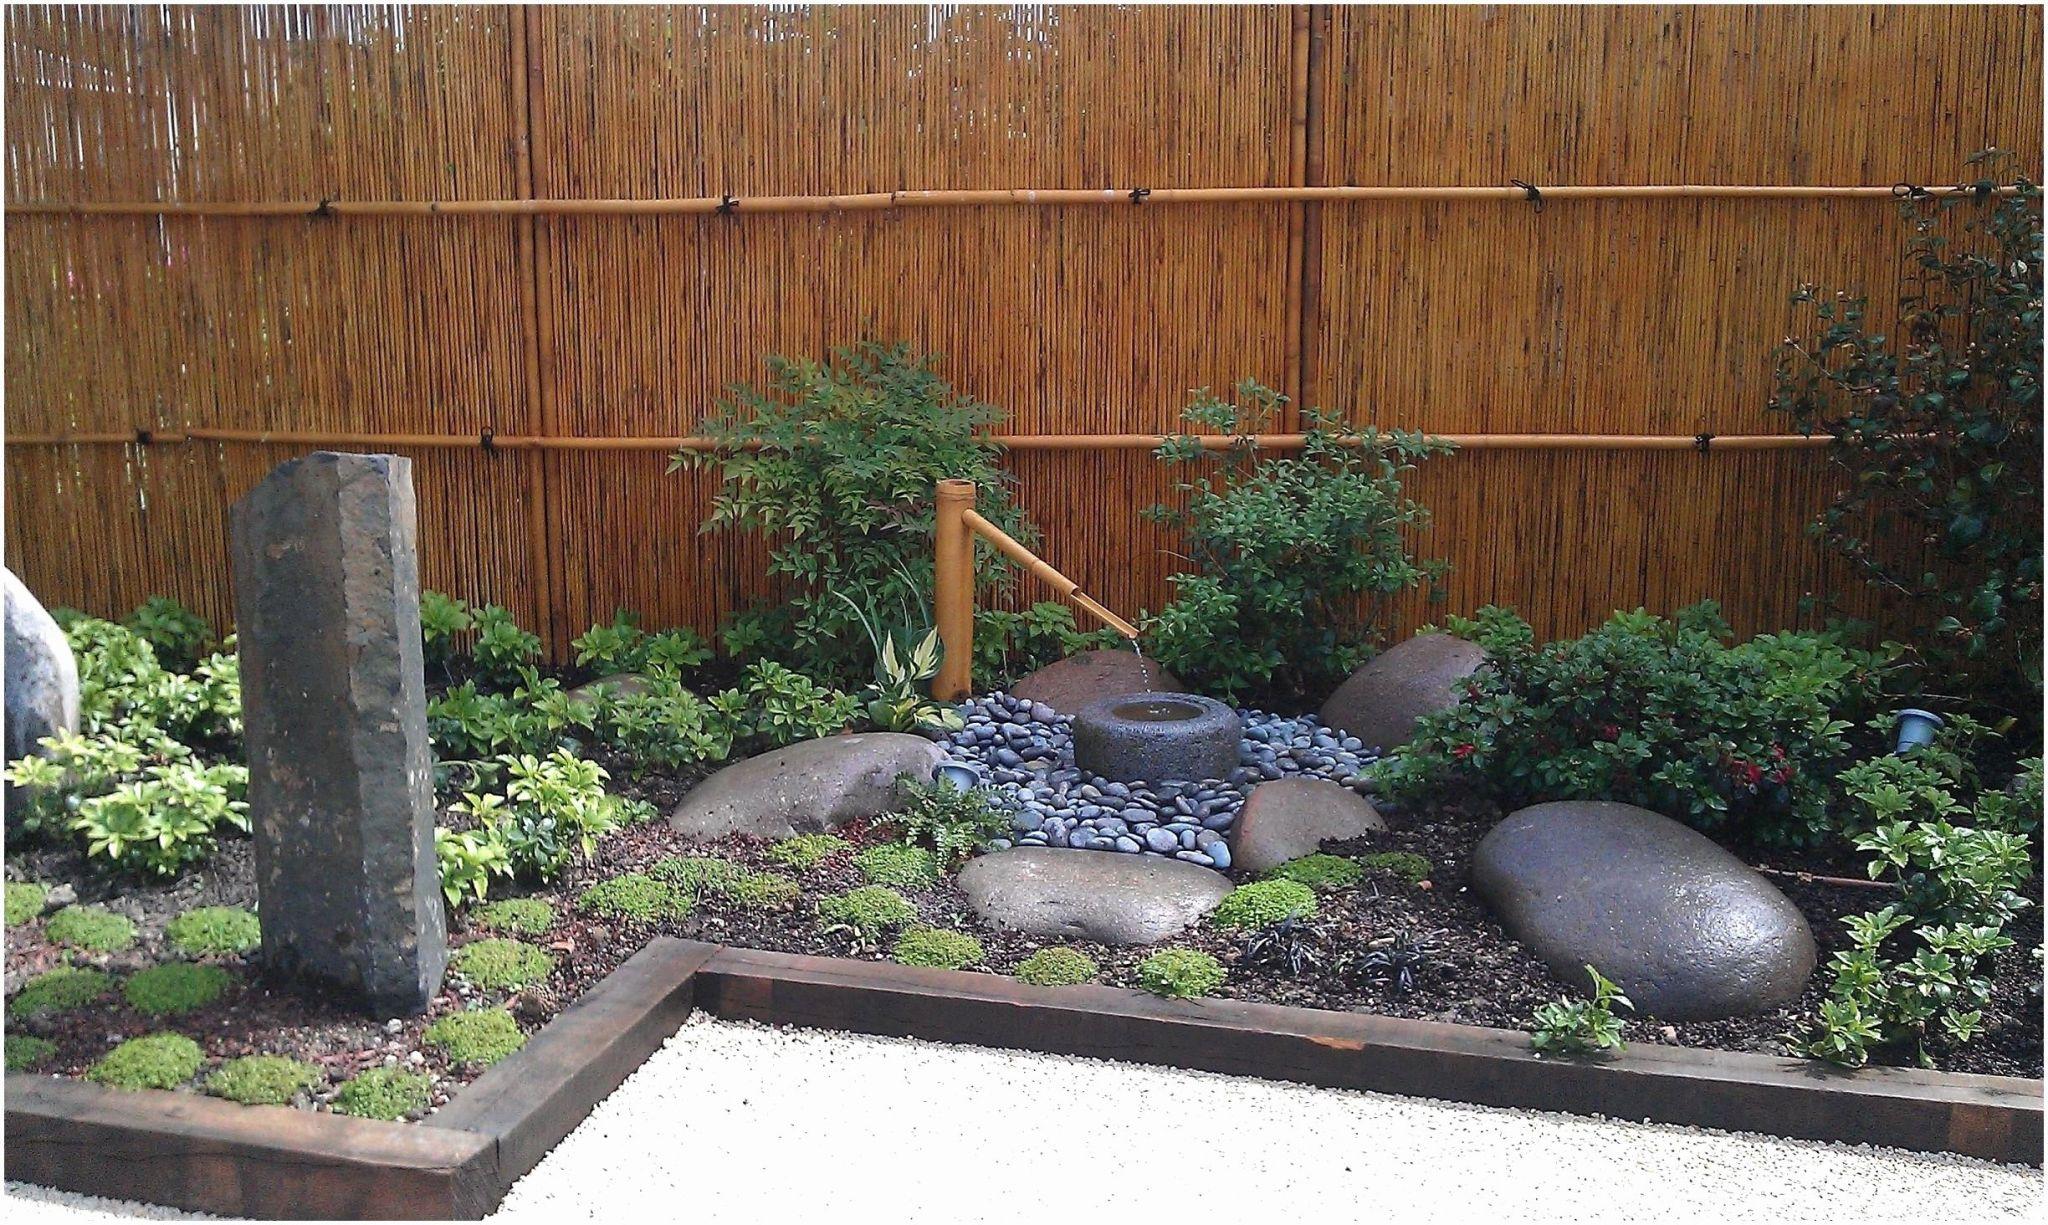 Jardin Zen Exterieur Creer Un Coin Zen Dans Son Jardin Et ... serapportantà Decoration Jardin Zen Exterieur